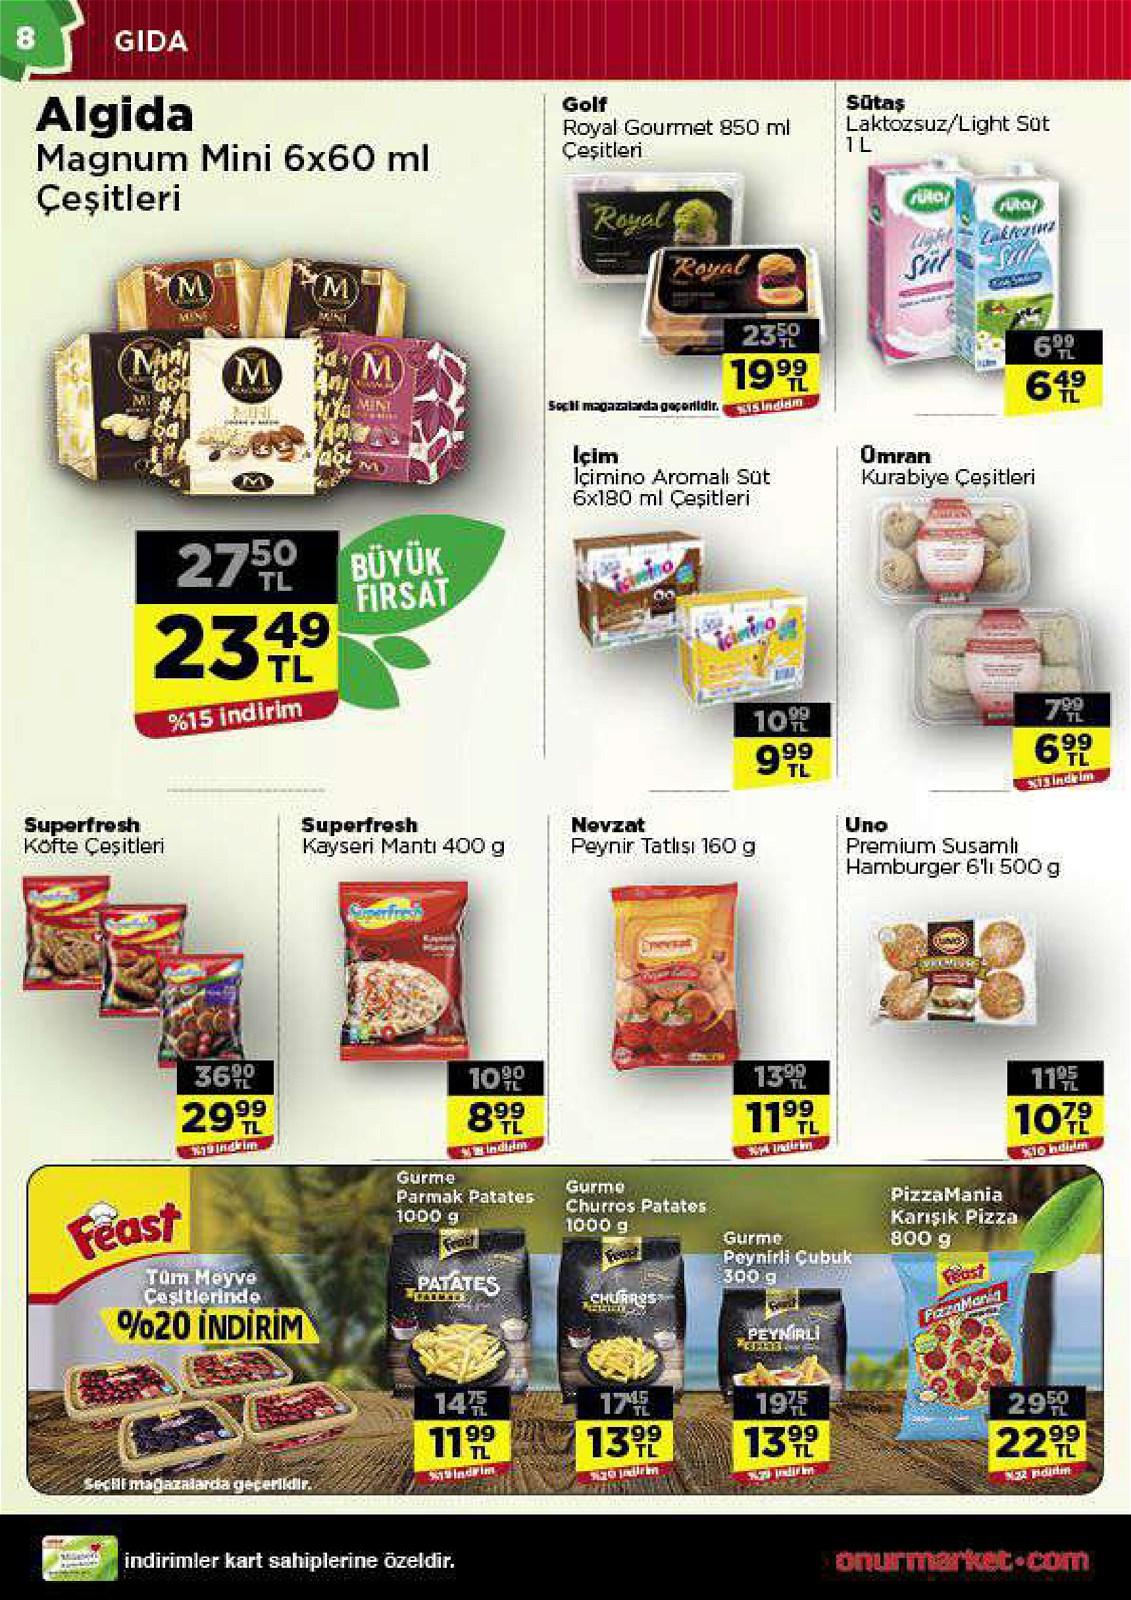 03.06.2021 Onur Market broşürü 8. sayfa